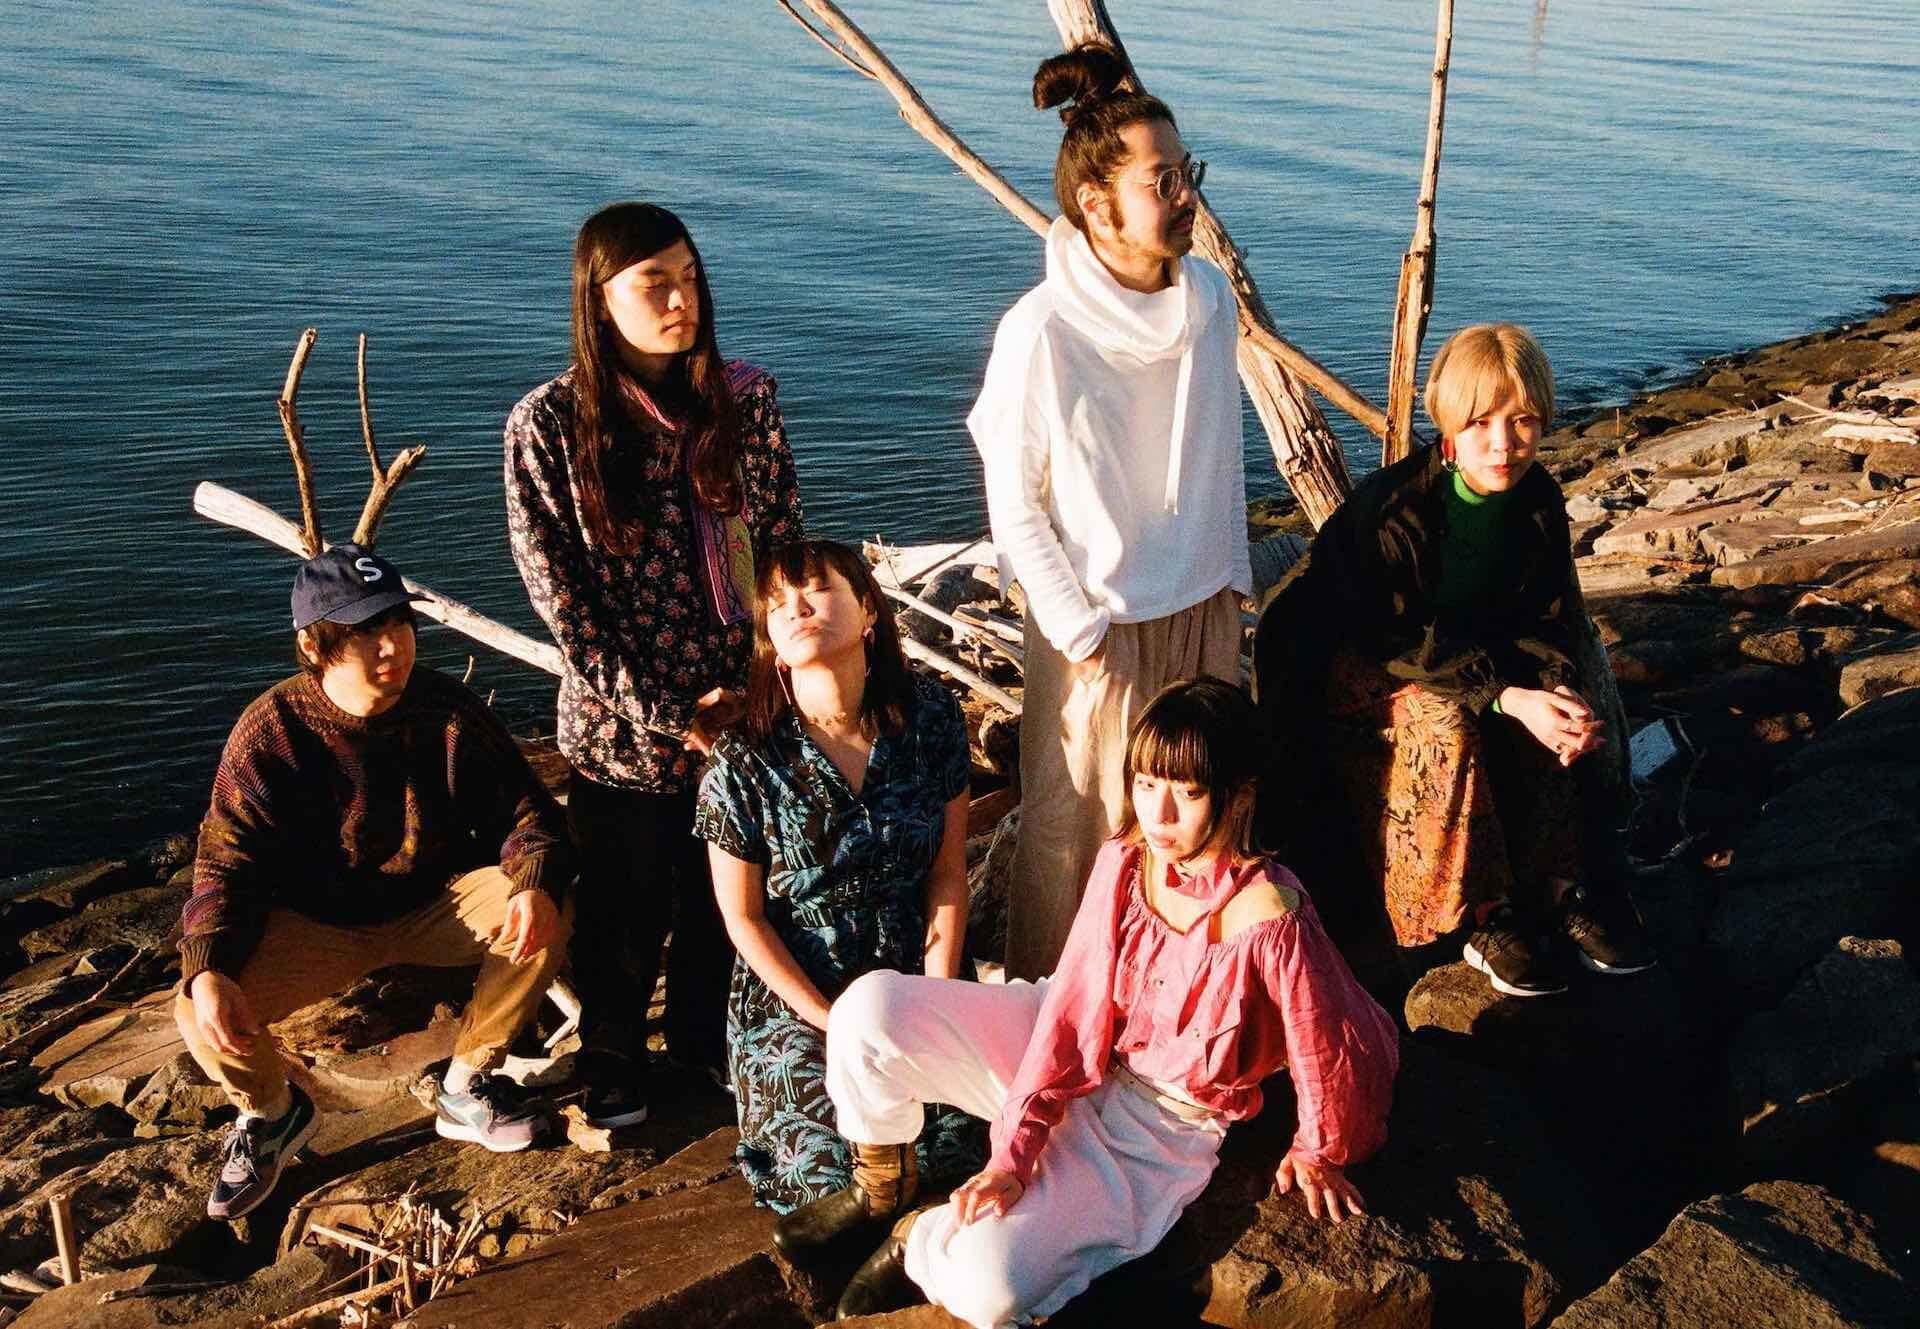 クワハラヨシユキ初の個展<HUMAN POP>が渋谷WOMB・barWで開催決定!xiangyu、Kenmochi Hidefumiら出演の連動ライブも実施 art200806_yoshiyuki-kuwahara_4-1920x1329